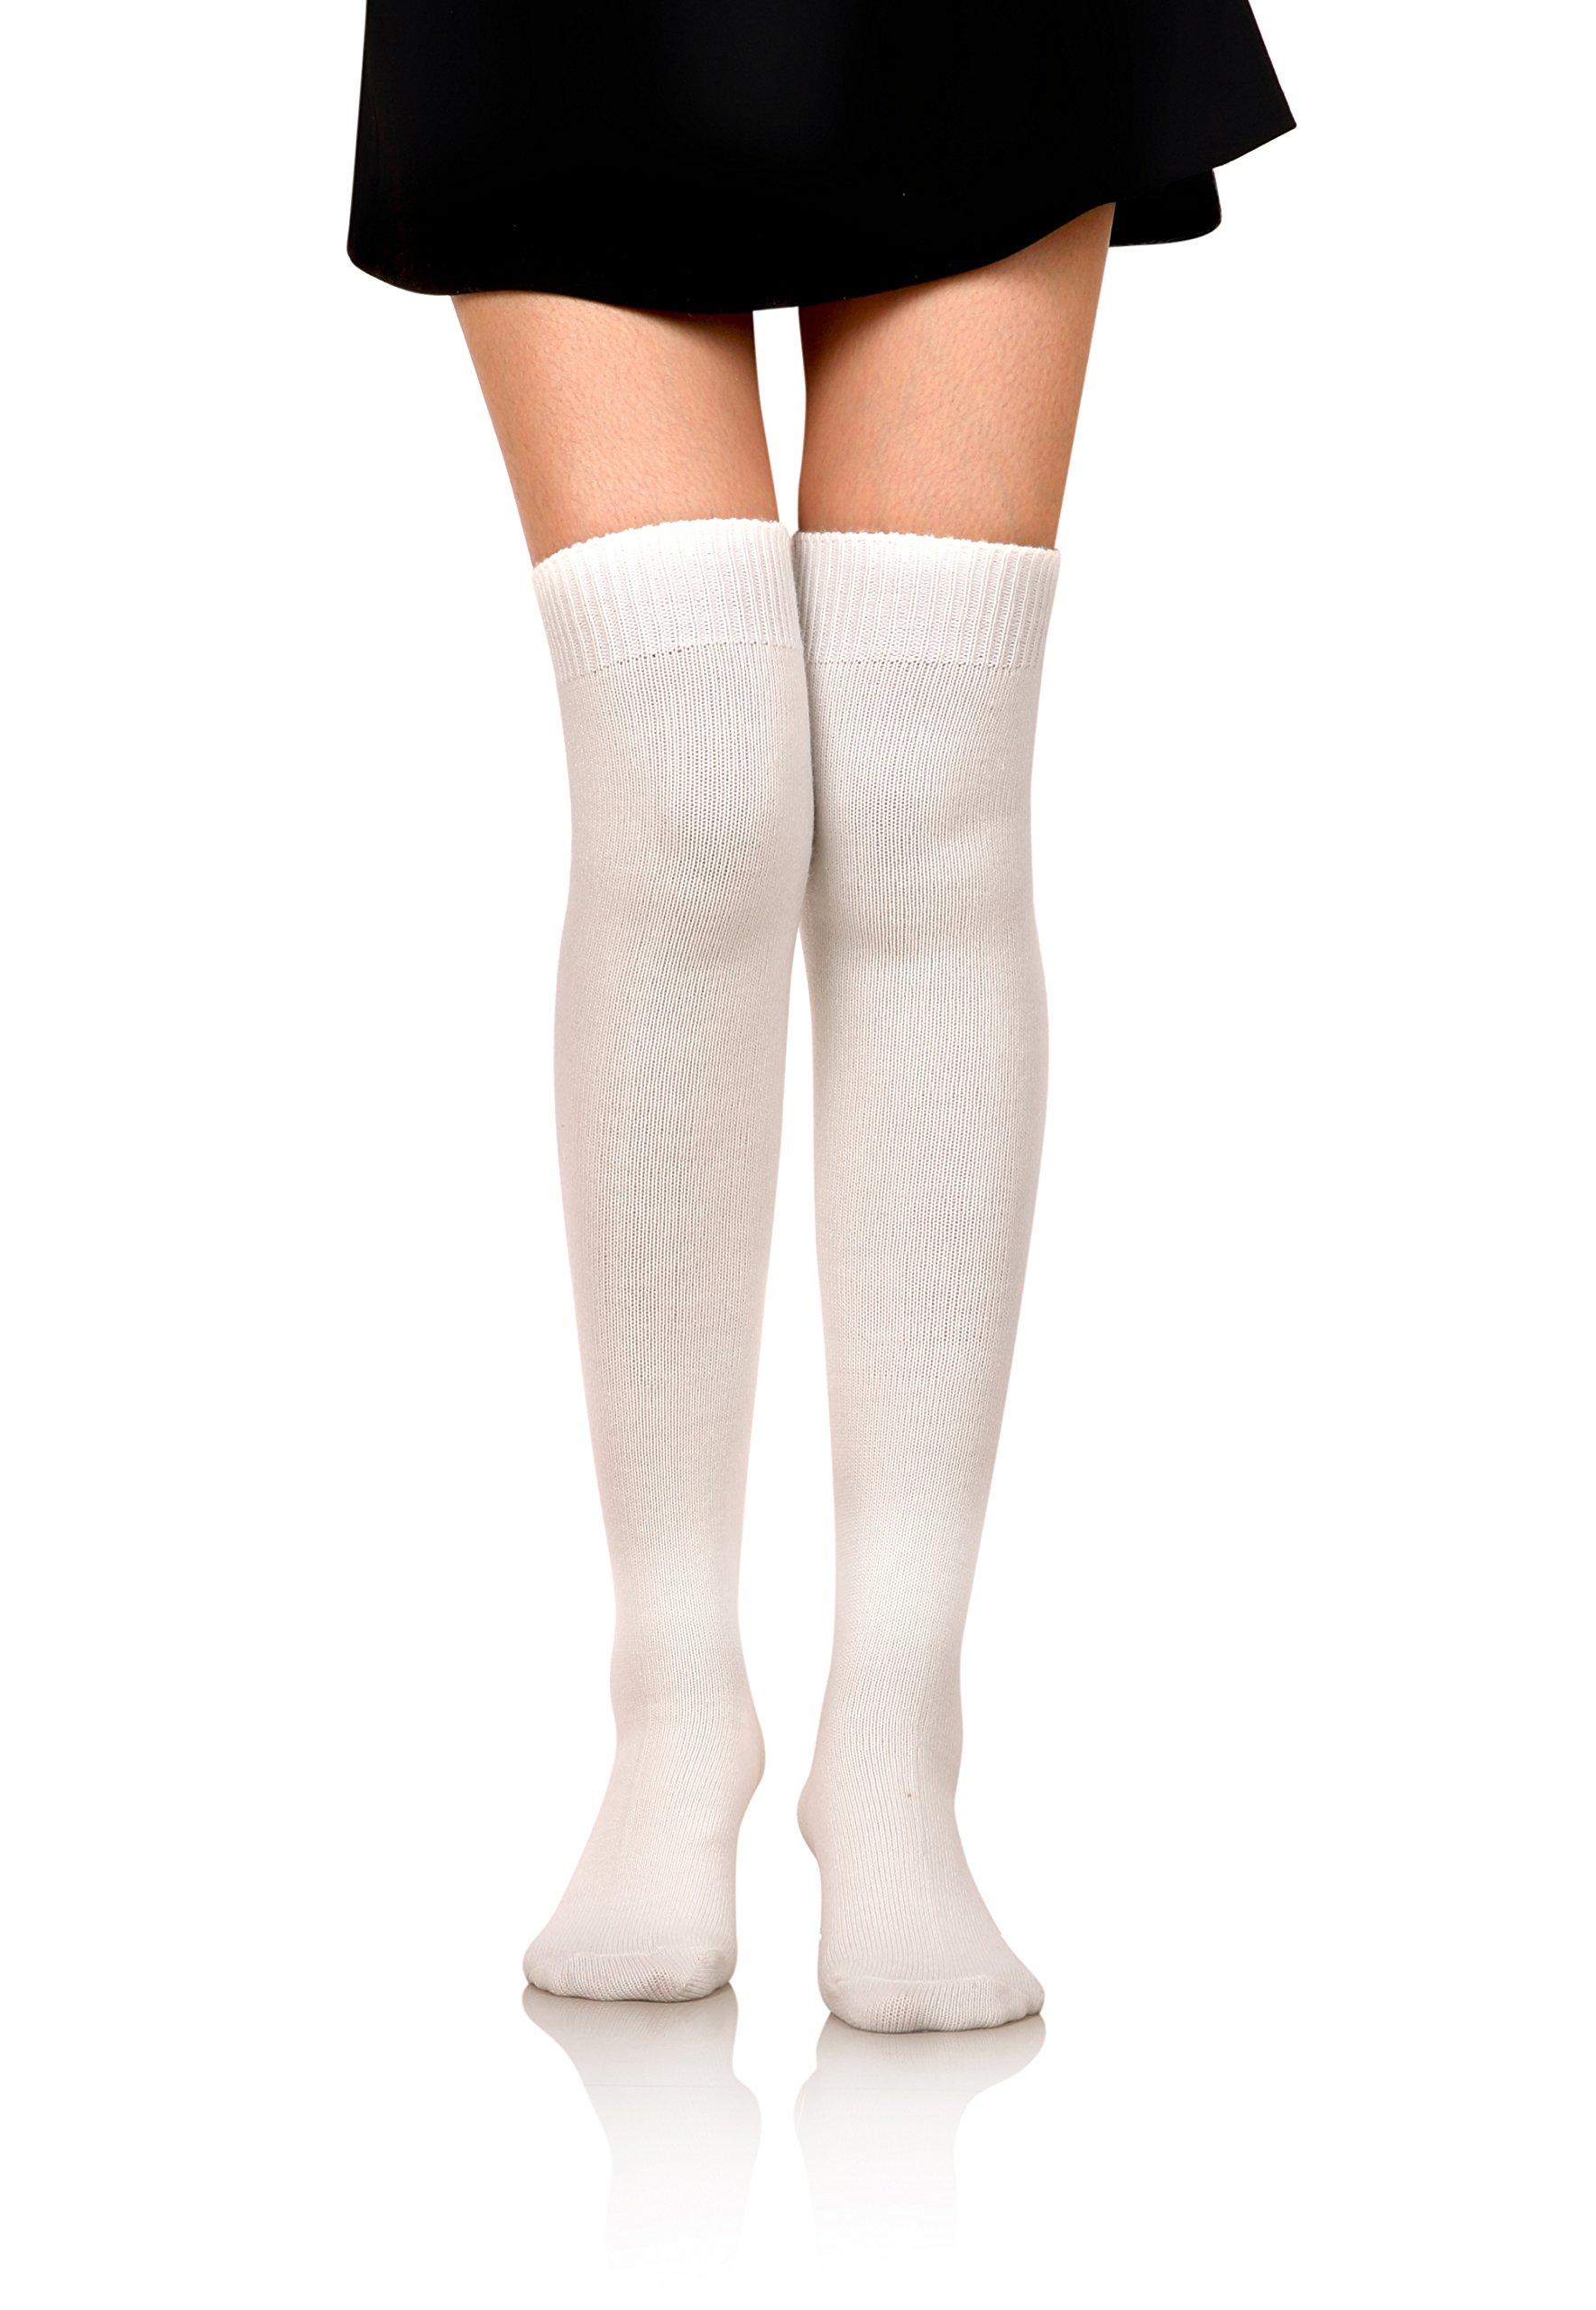 DoSmart Women Girls' Winter Warm Leggings Boot Stockings Knee High Wool Socks (White)